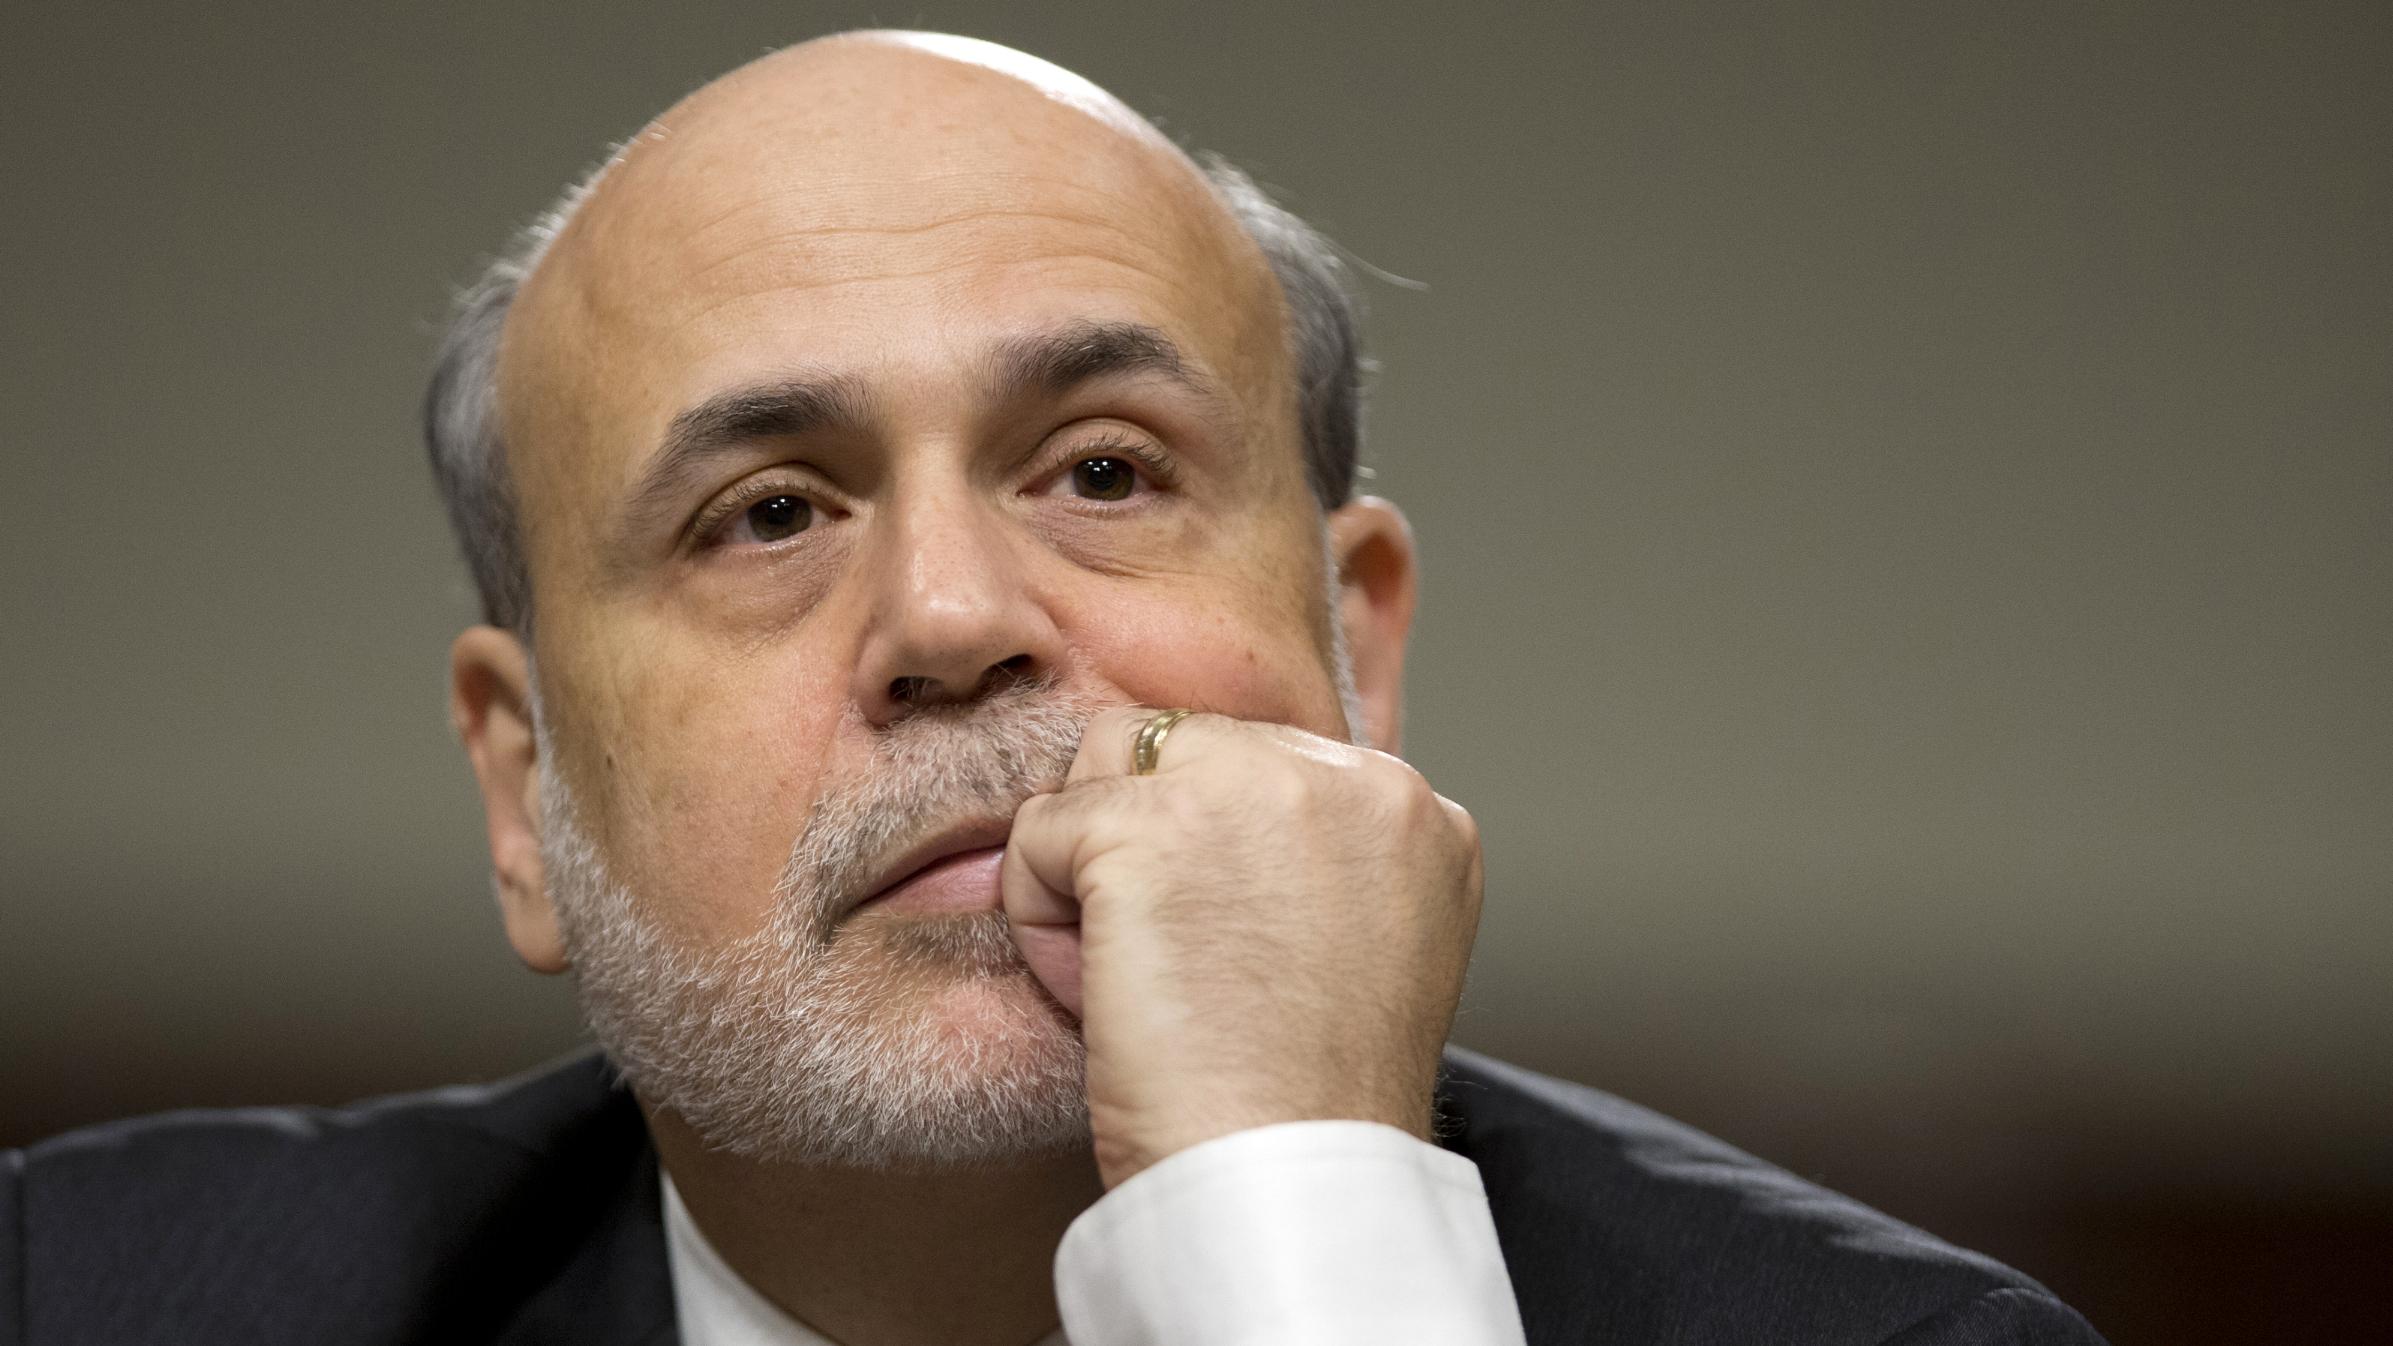 BernankeCuff